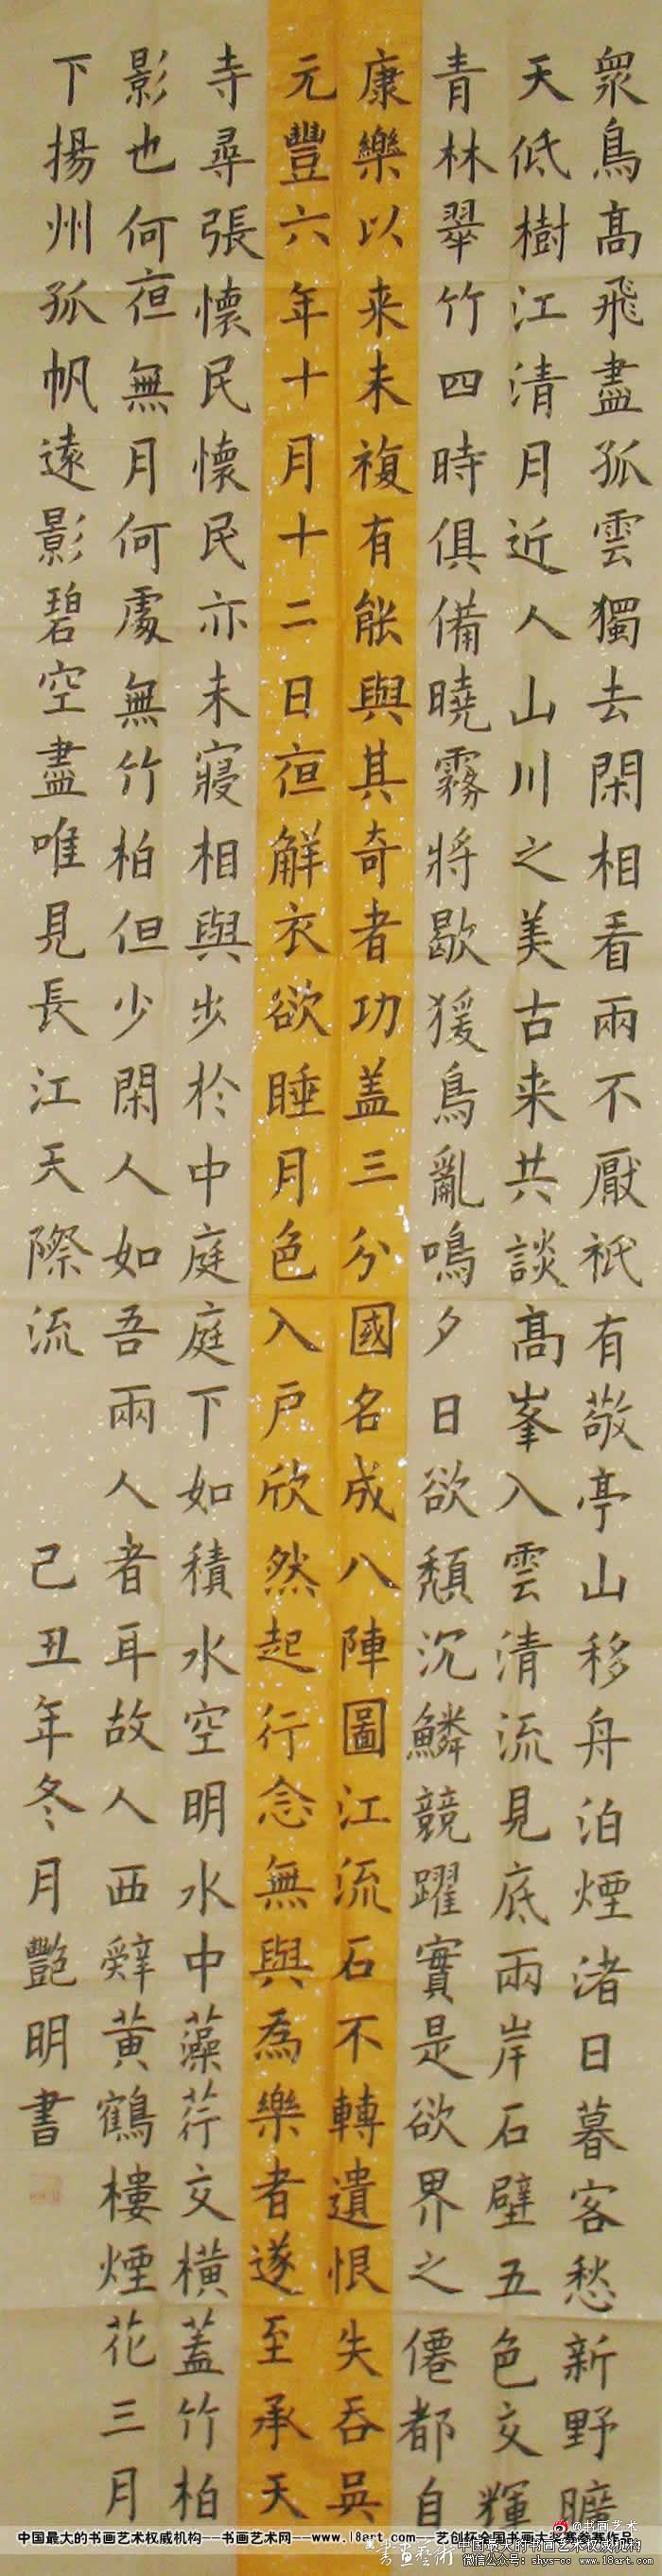 参赛者:江西宁都--刘艳明--15岁